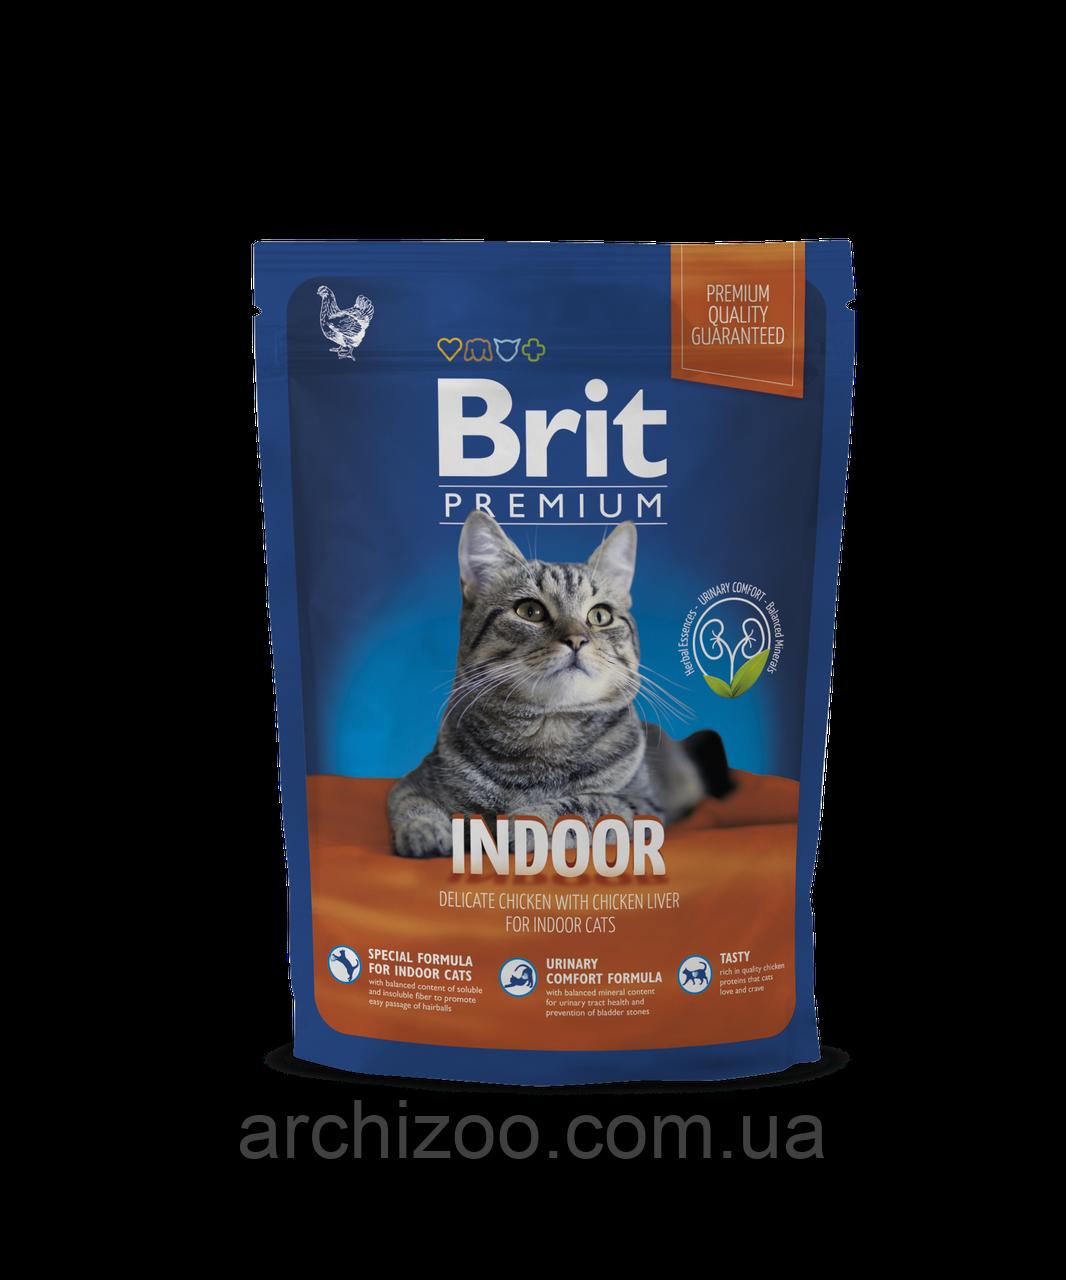 Brit Premium Cat Indoor корм для кішок, що живуть в приміщенні, 800 г